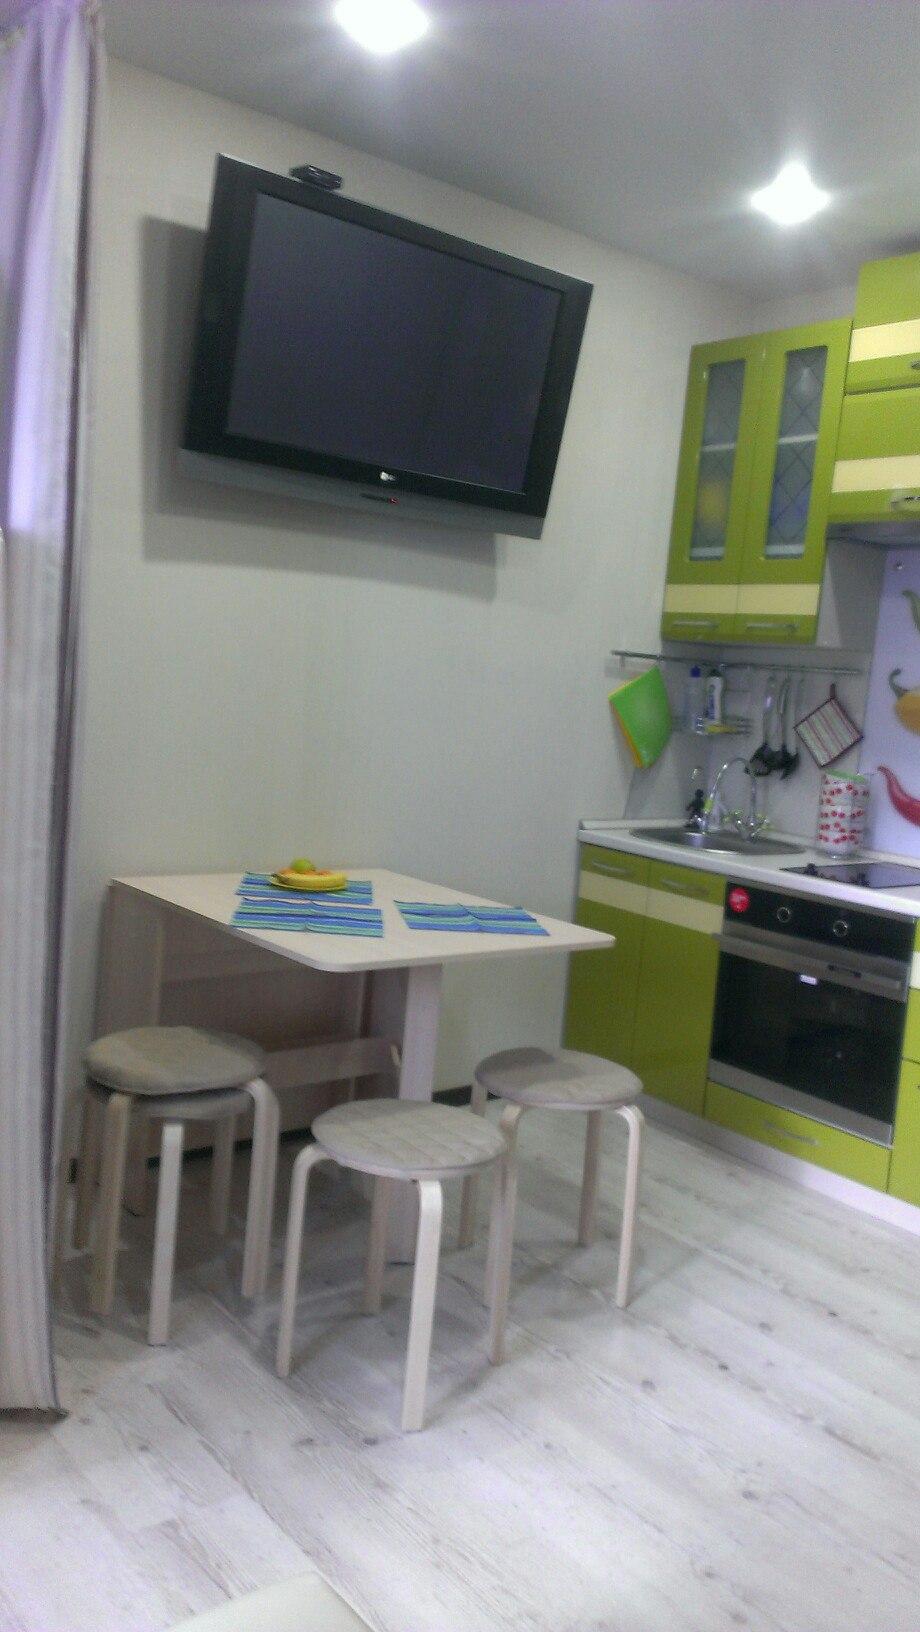 Квартира-студия 26 м для семьи с ребенком.